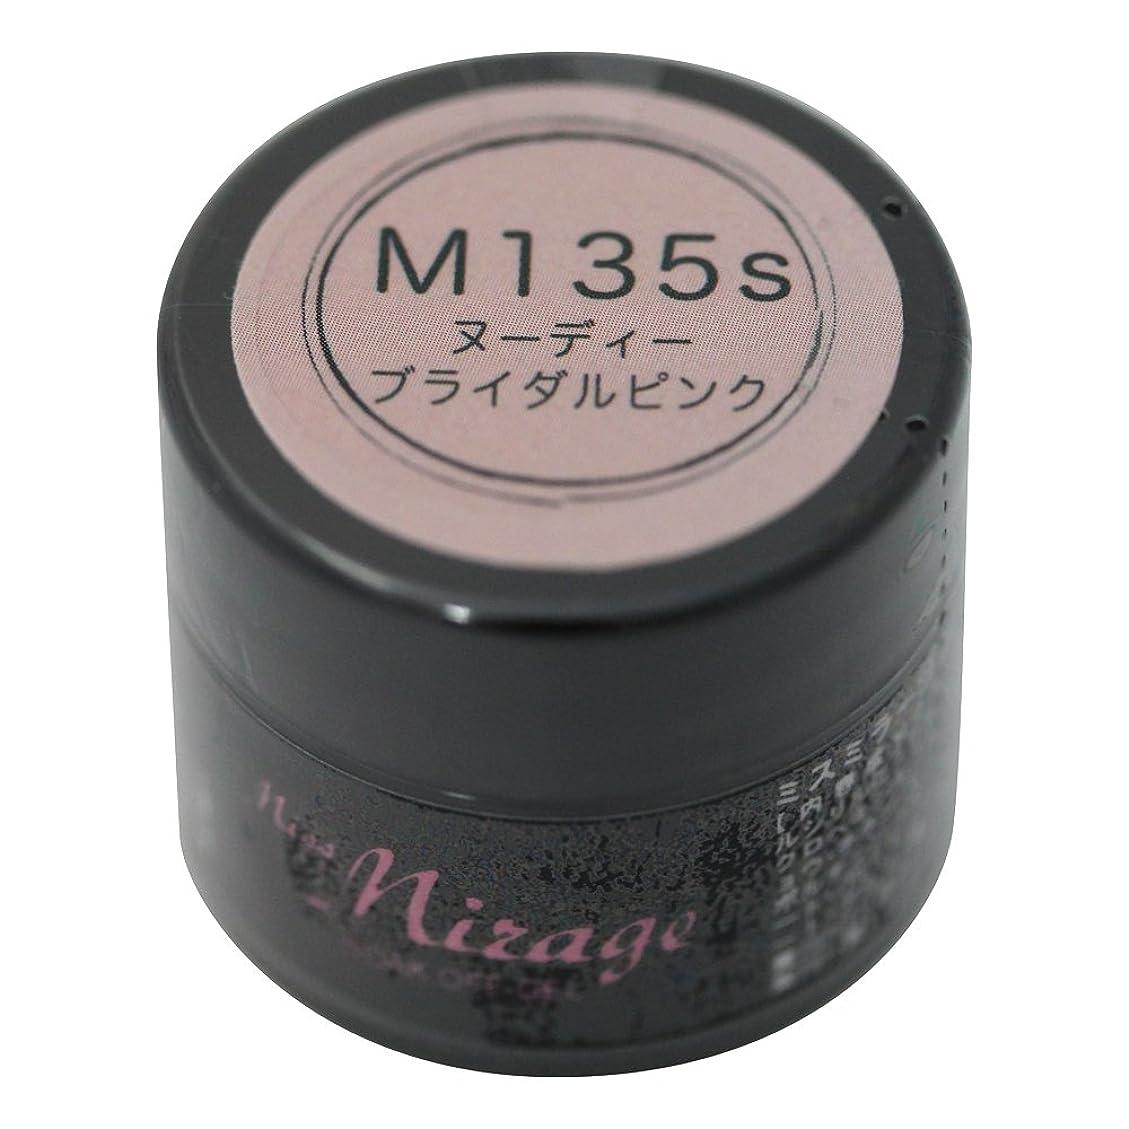 スペイン語確認矛盾するMiss Mirage M135S ヌーディーブライダルピンク 2.5g UV/LED対応タイオウ